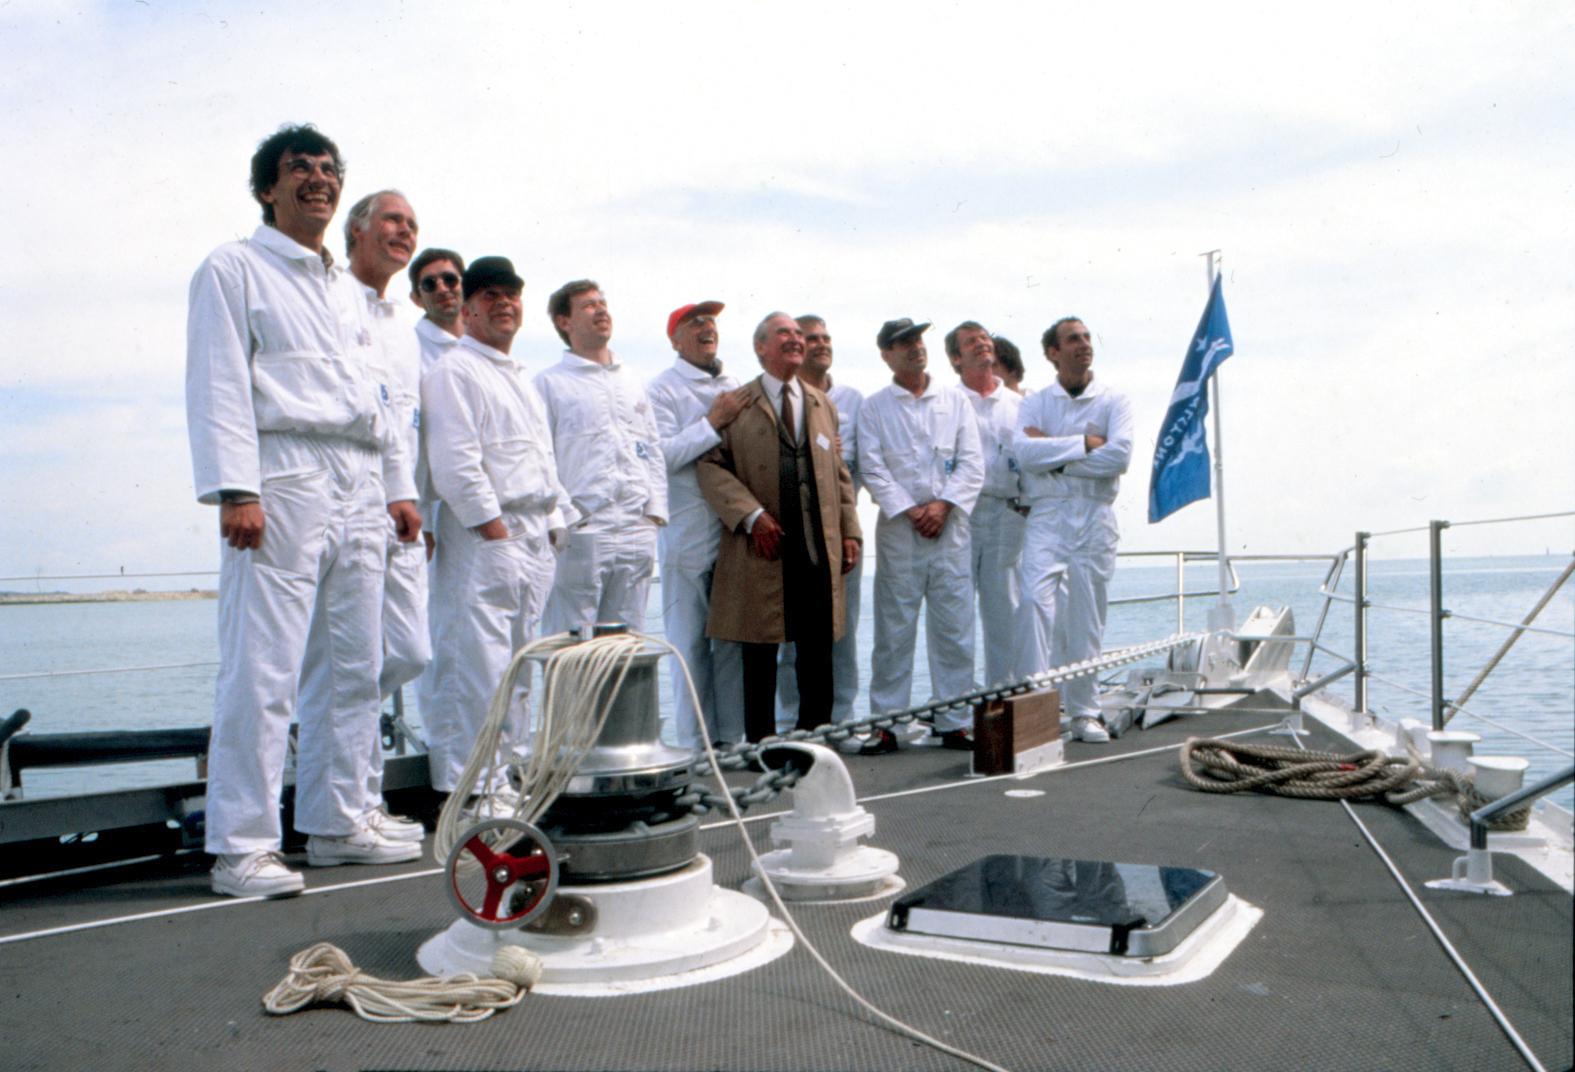 Команда Акилоны и изобретатель турбопаруса Люсьен Малавар перед открытием